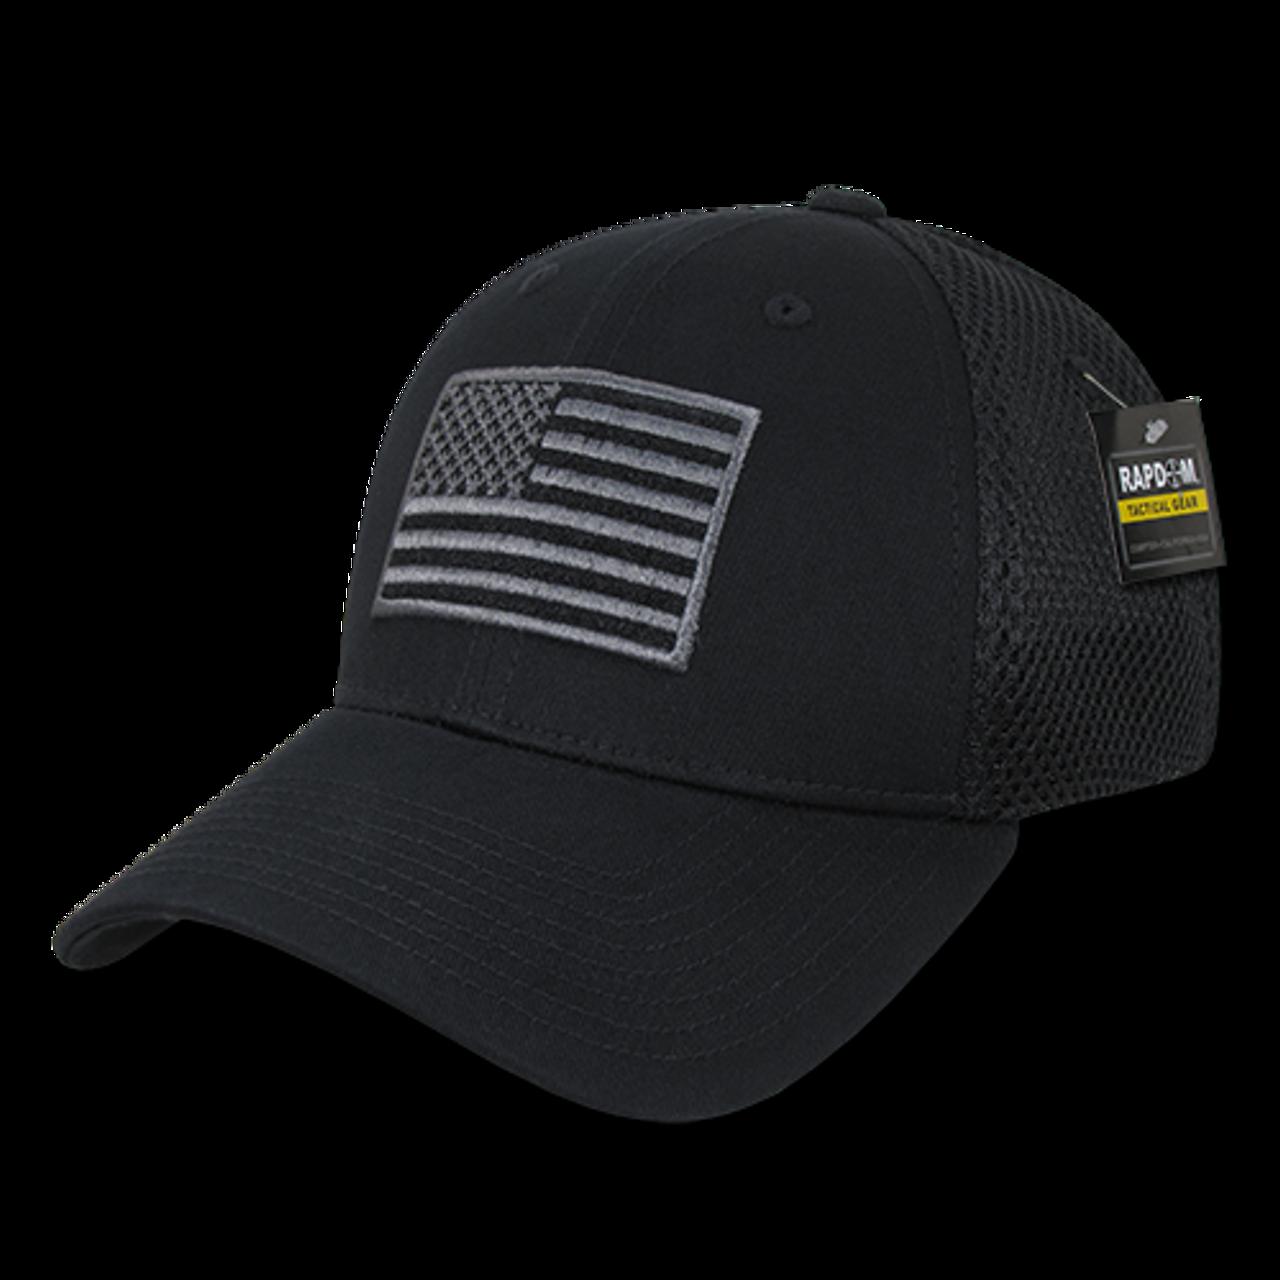 T88 - Tactical Cap USA Flag - Low Crown Structured Air Mesh Flex - Black -  USMILITARYHATS.COM 9af496ffb4d